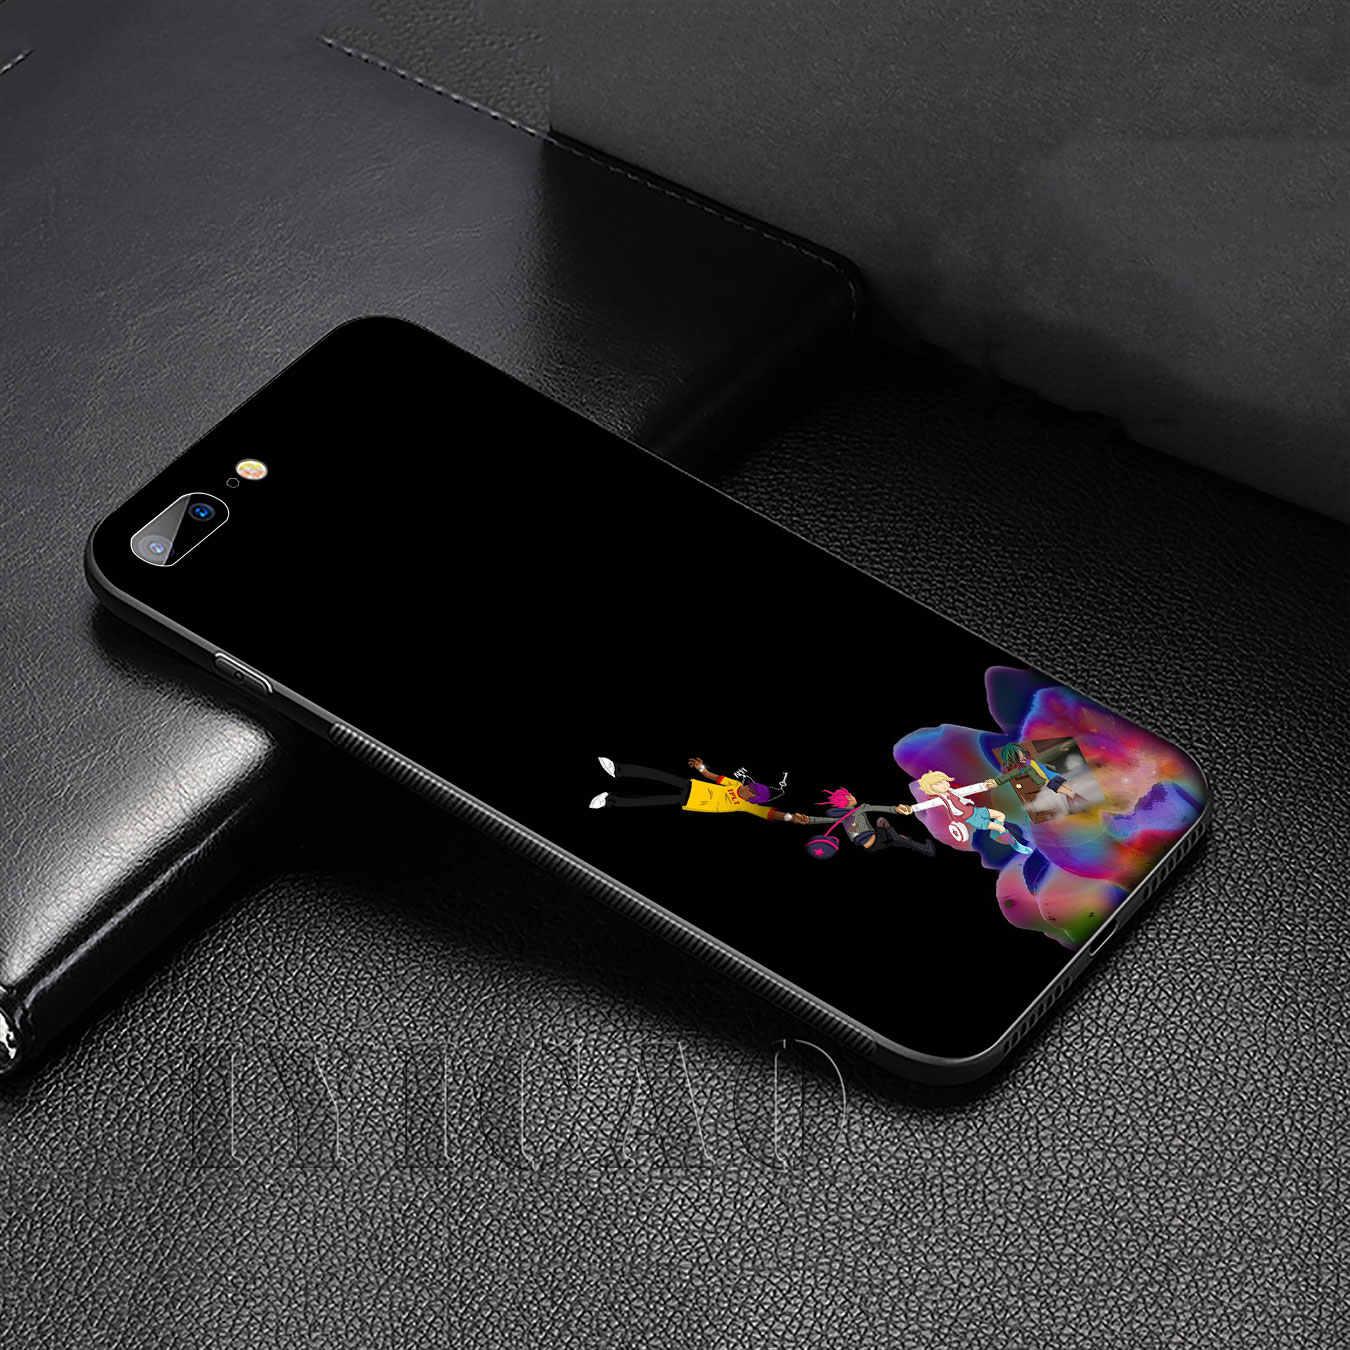 Nước Ép Wrld Silicone Mềm Cover Cho iPhone 11 Pro XR X XS Max 6 6S 7 8 Plus 5 5S SE Ốp Lưng Điện Thoại